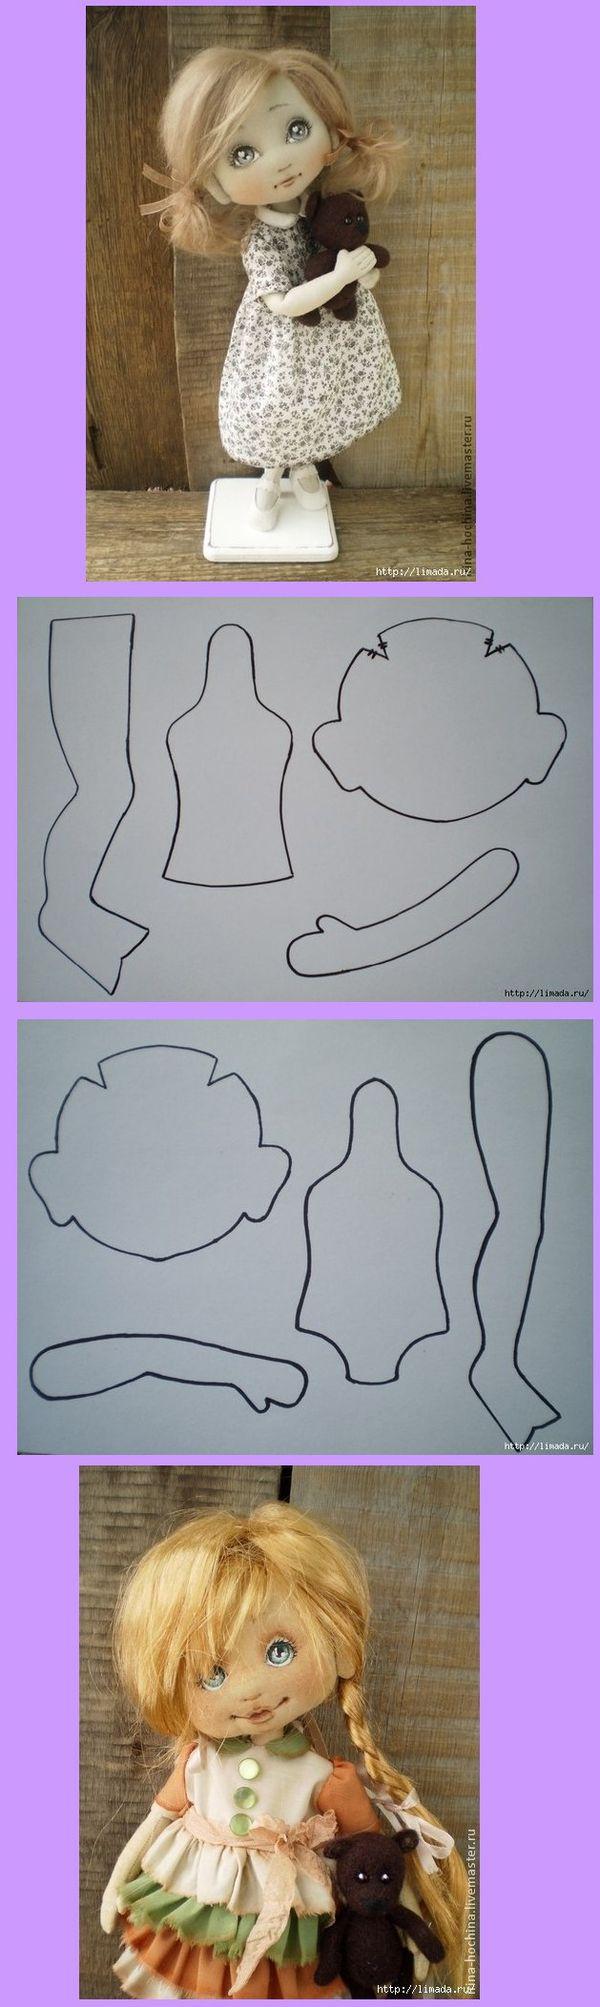 2b1f3f0375fb4986a73507804cf64900.jpg 600×2.007 pixels | Doll crafts ...